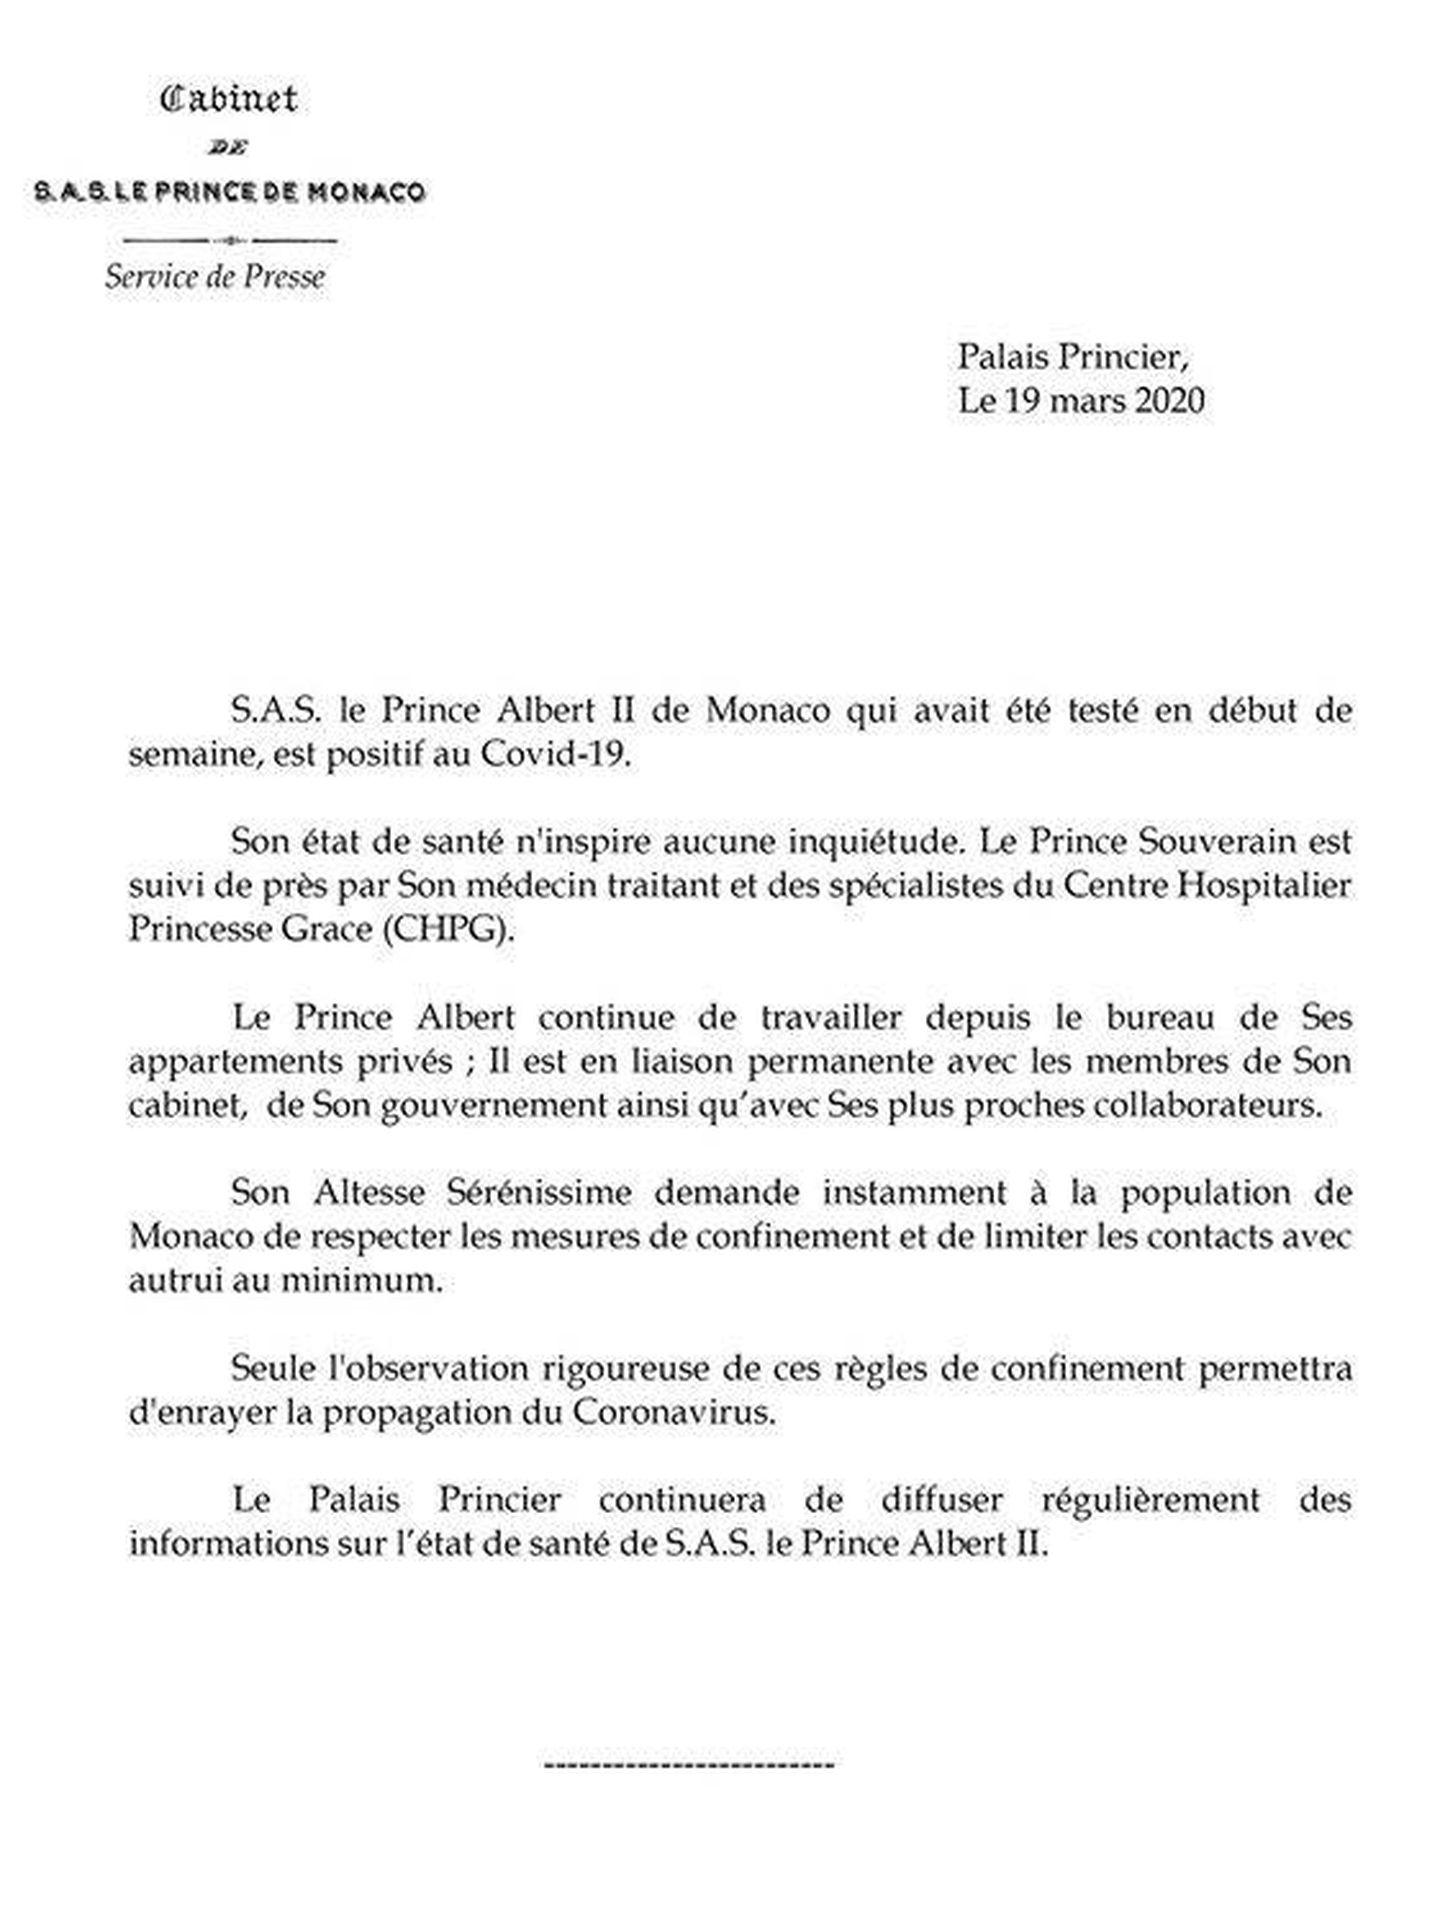 Comunicado emitido por el Palacio del Príncipe. (Palais Princier)